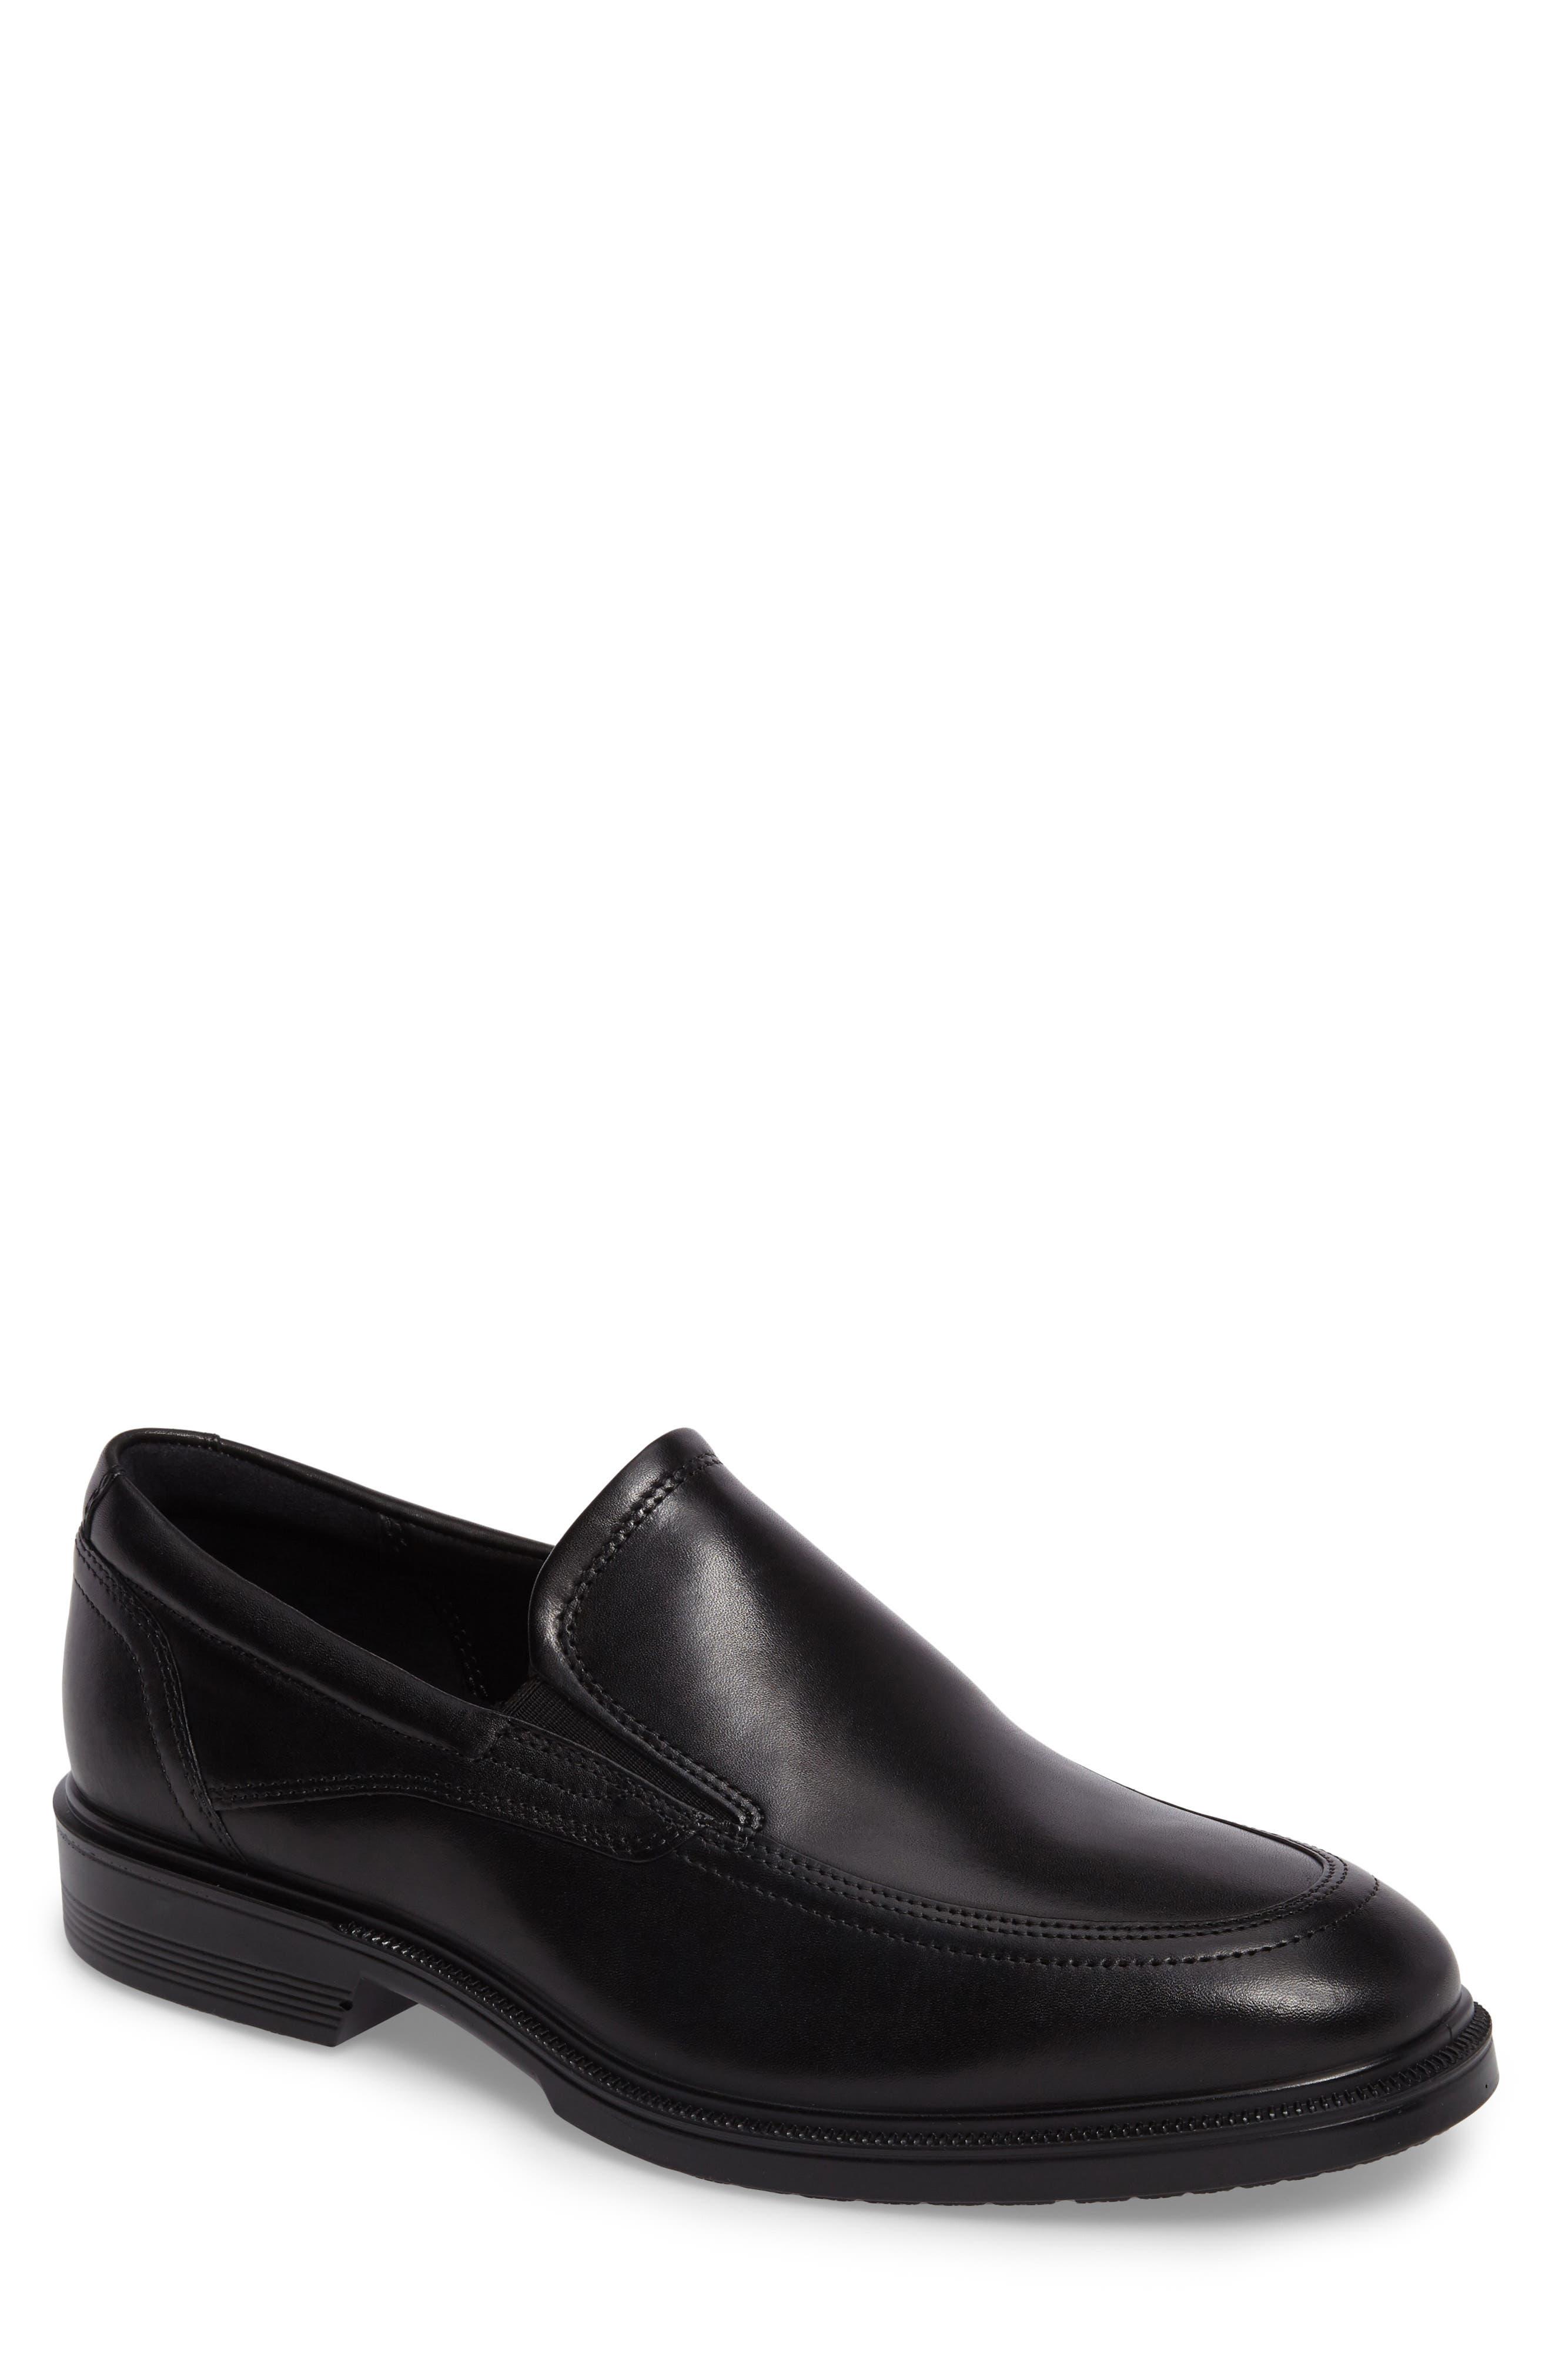 Lisbon Loafer, Main, color, BLACK LEATHER